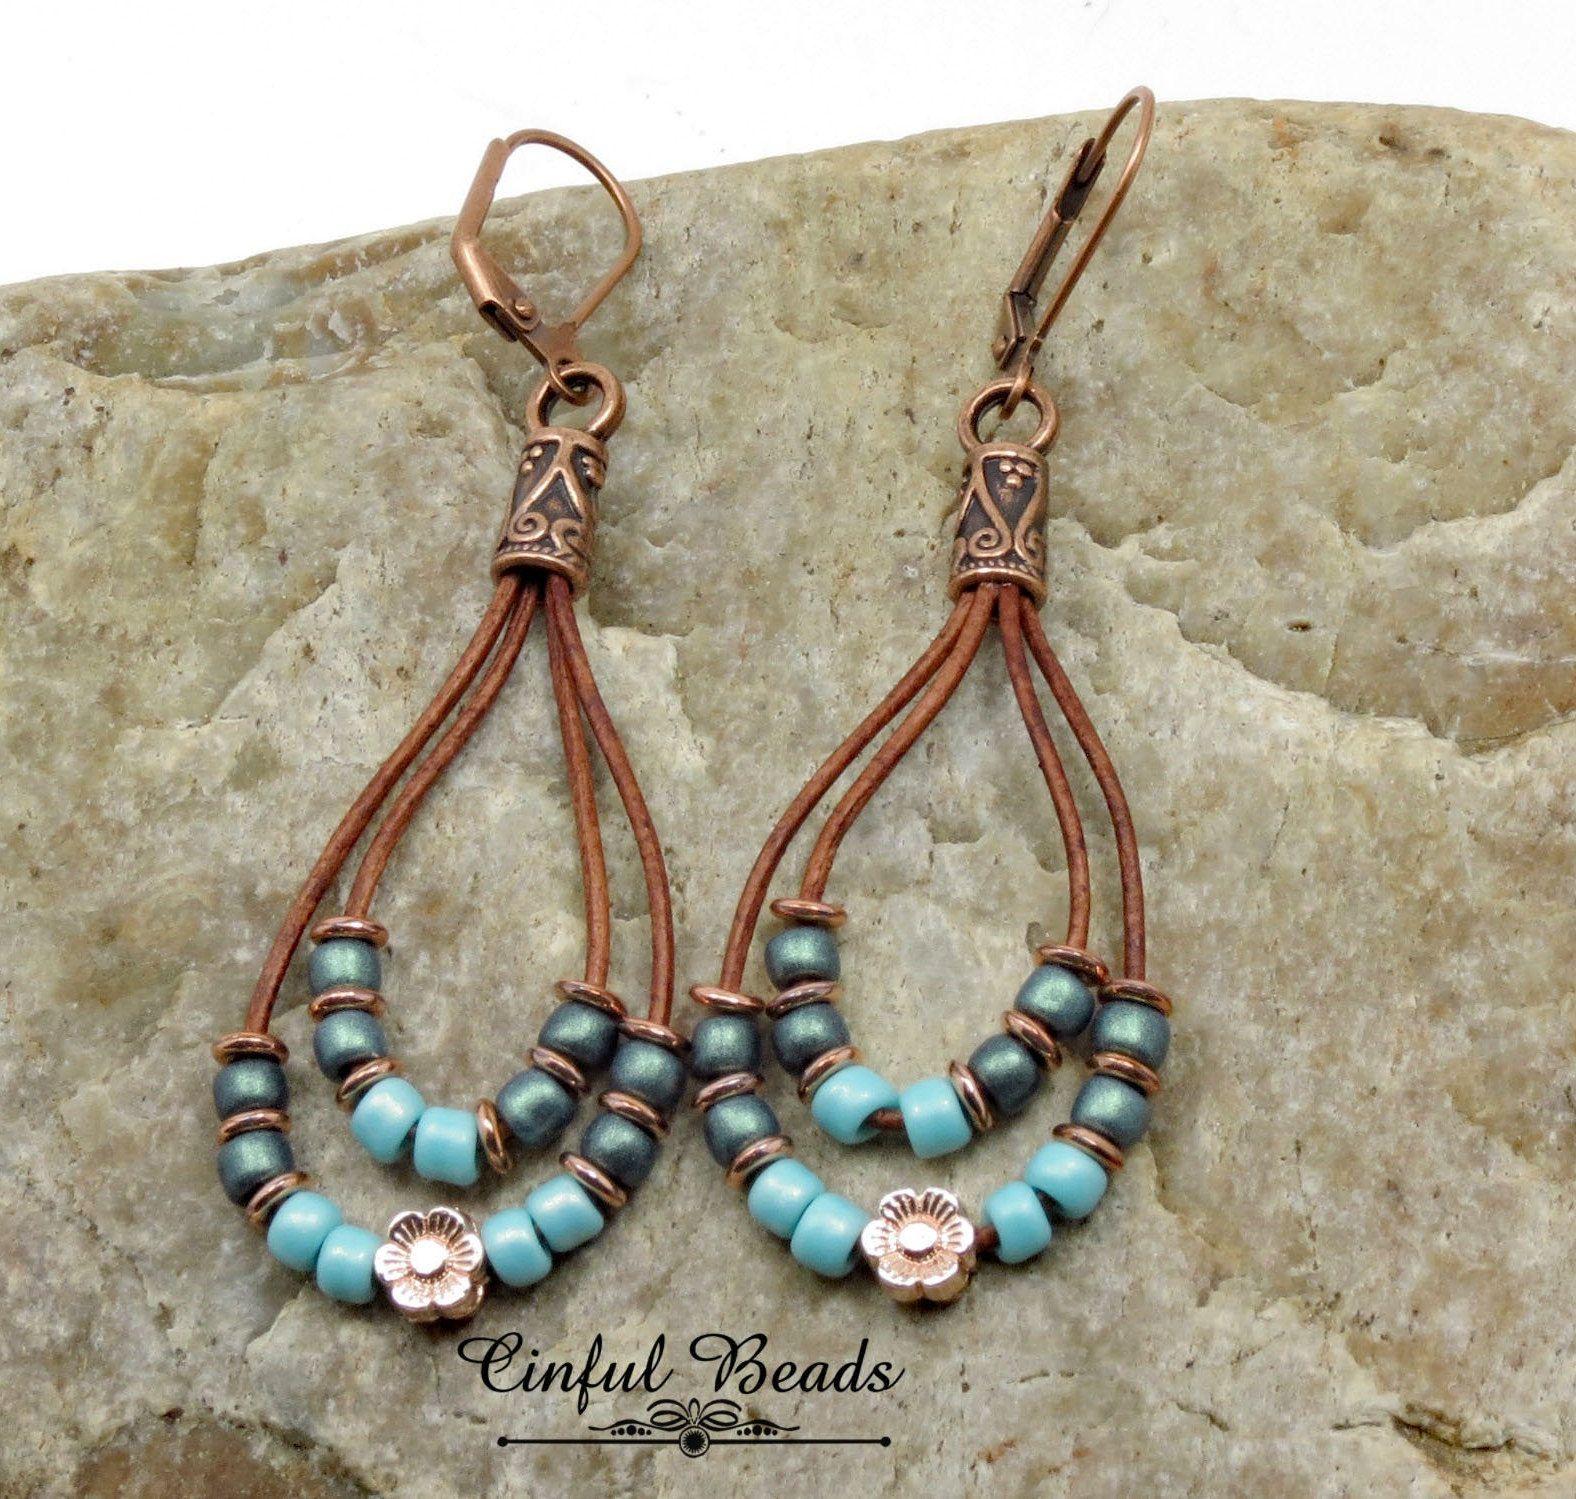 Autumn Earrings Bohemian Earrings Boho Green Earrings Vintage Earrings Copper Green Earrings Christmas Gift Copper Leverback Earrings